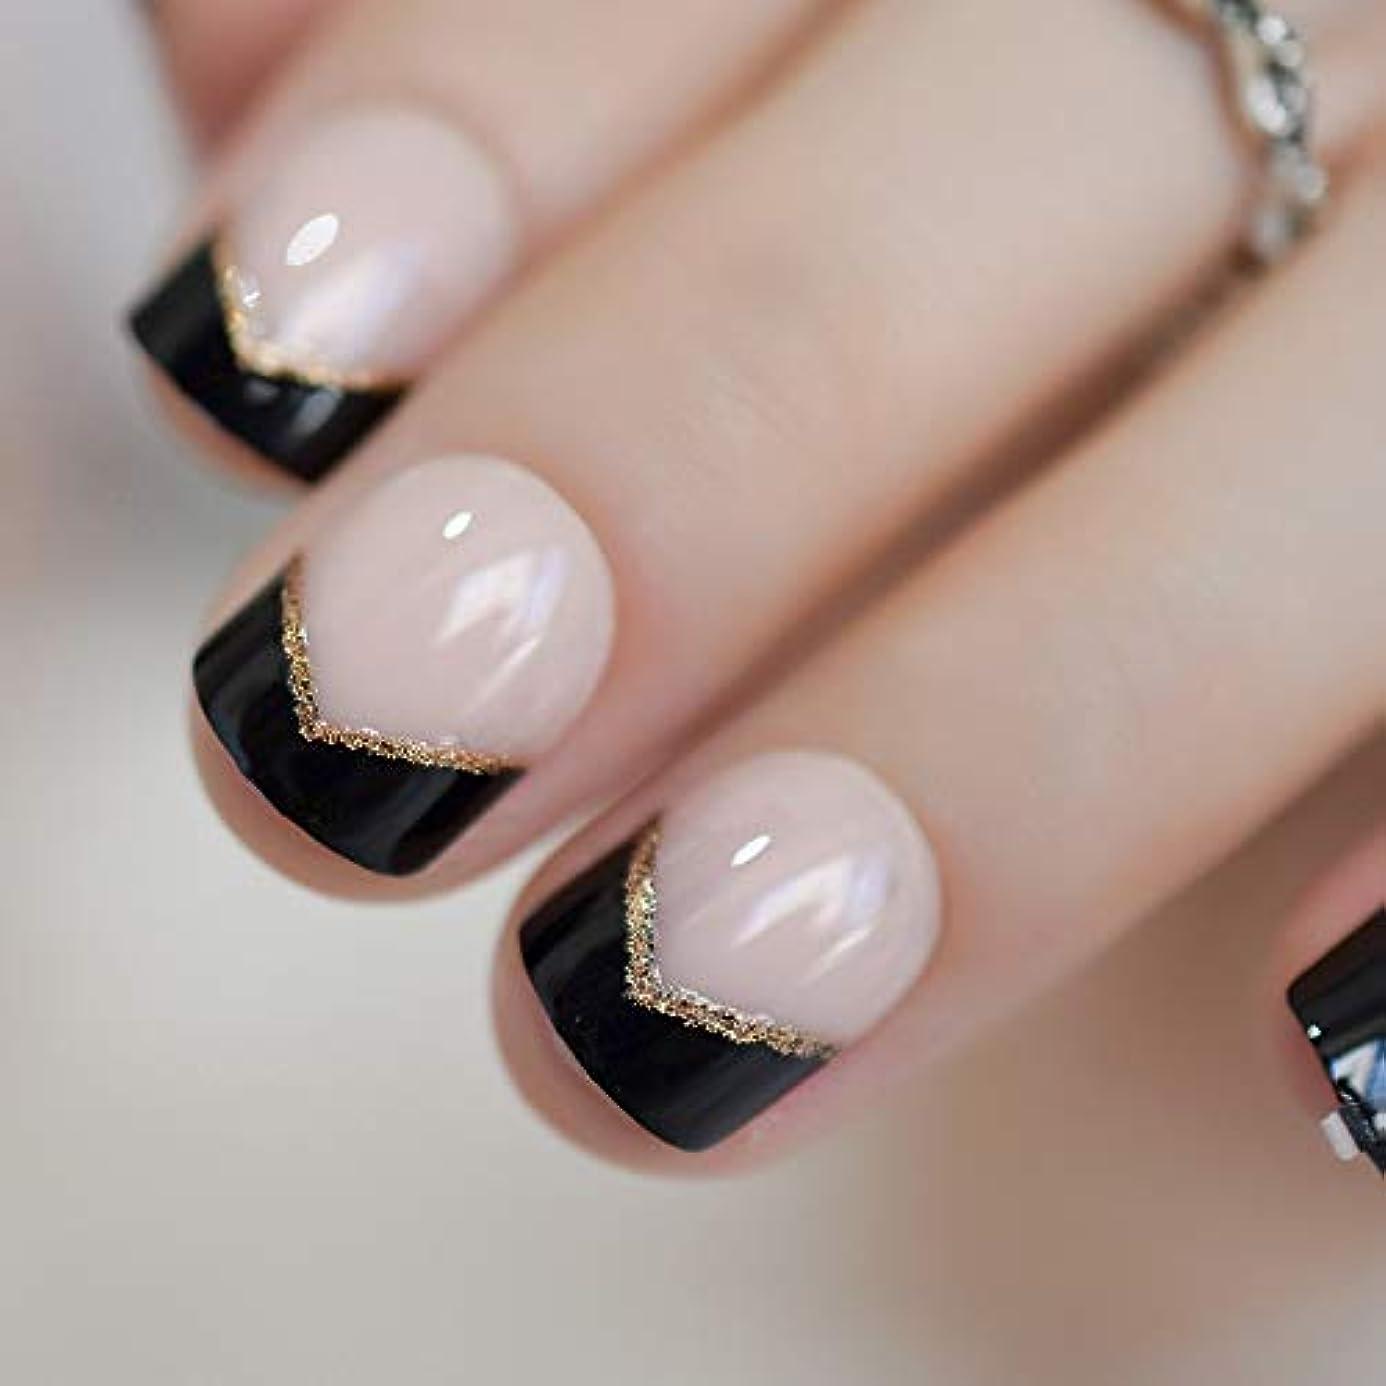 ささいな疑わしいオリエンタルXUTXZKA 短い爪黒のヒントゴールドグリッターアングル装飾された女性のための自然な偽の爪